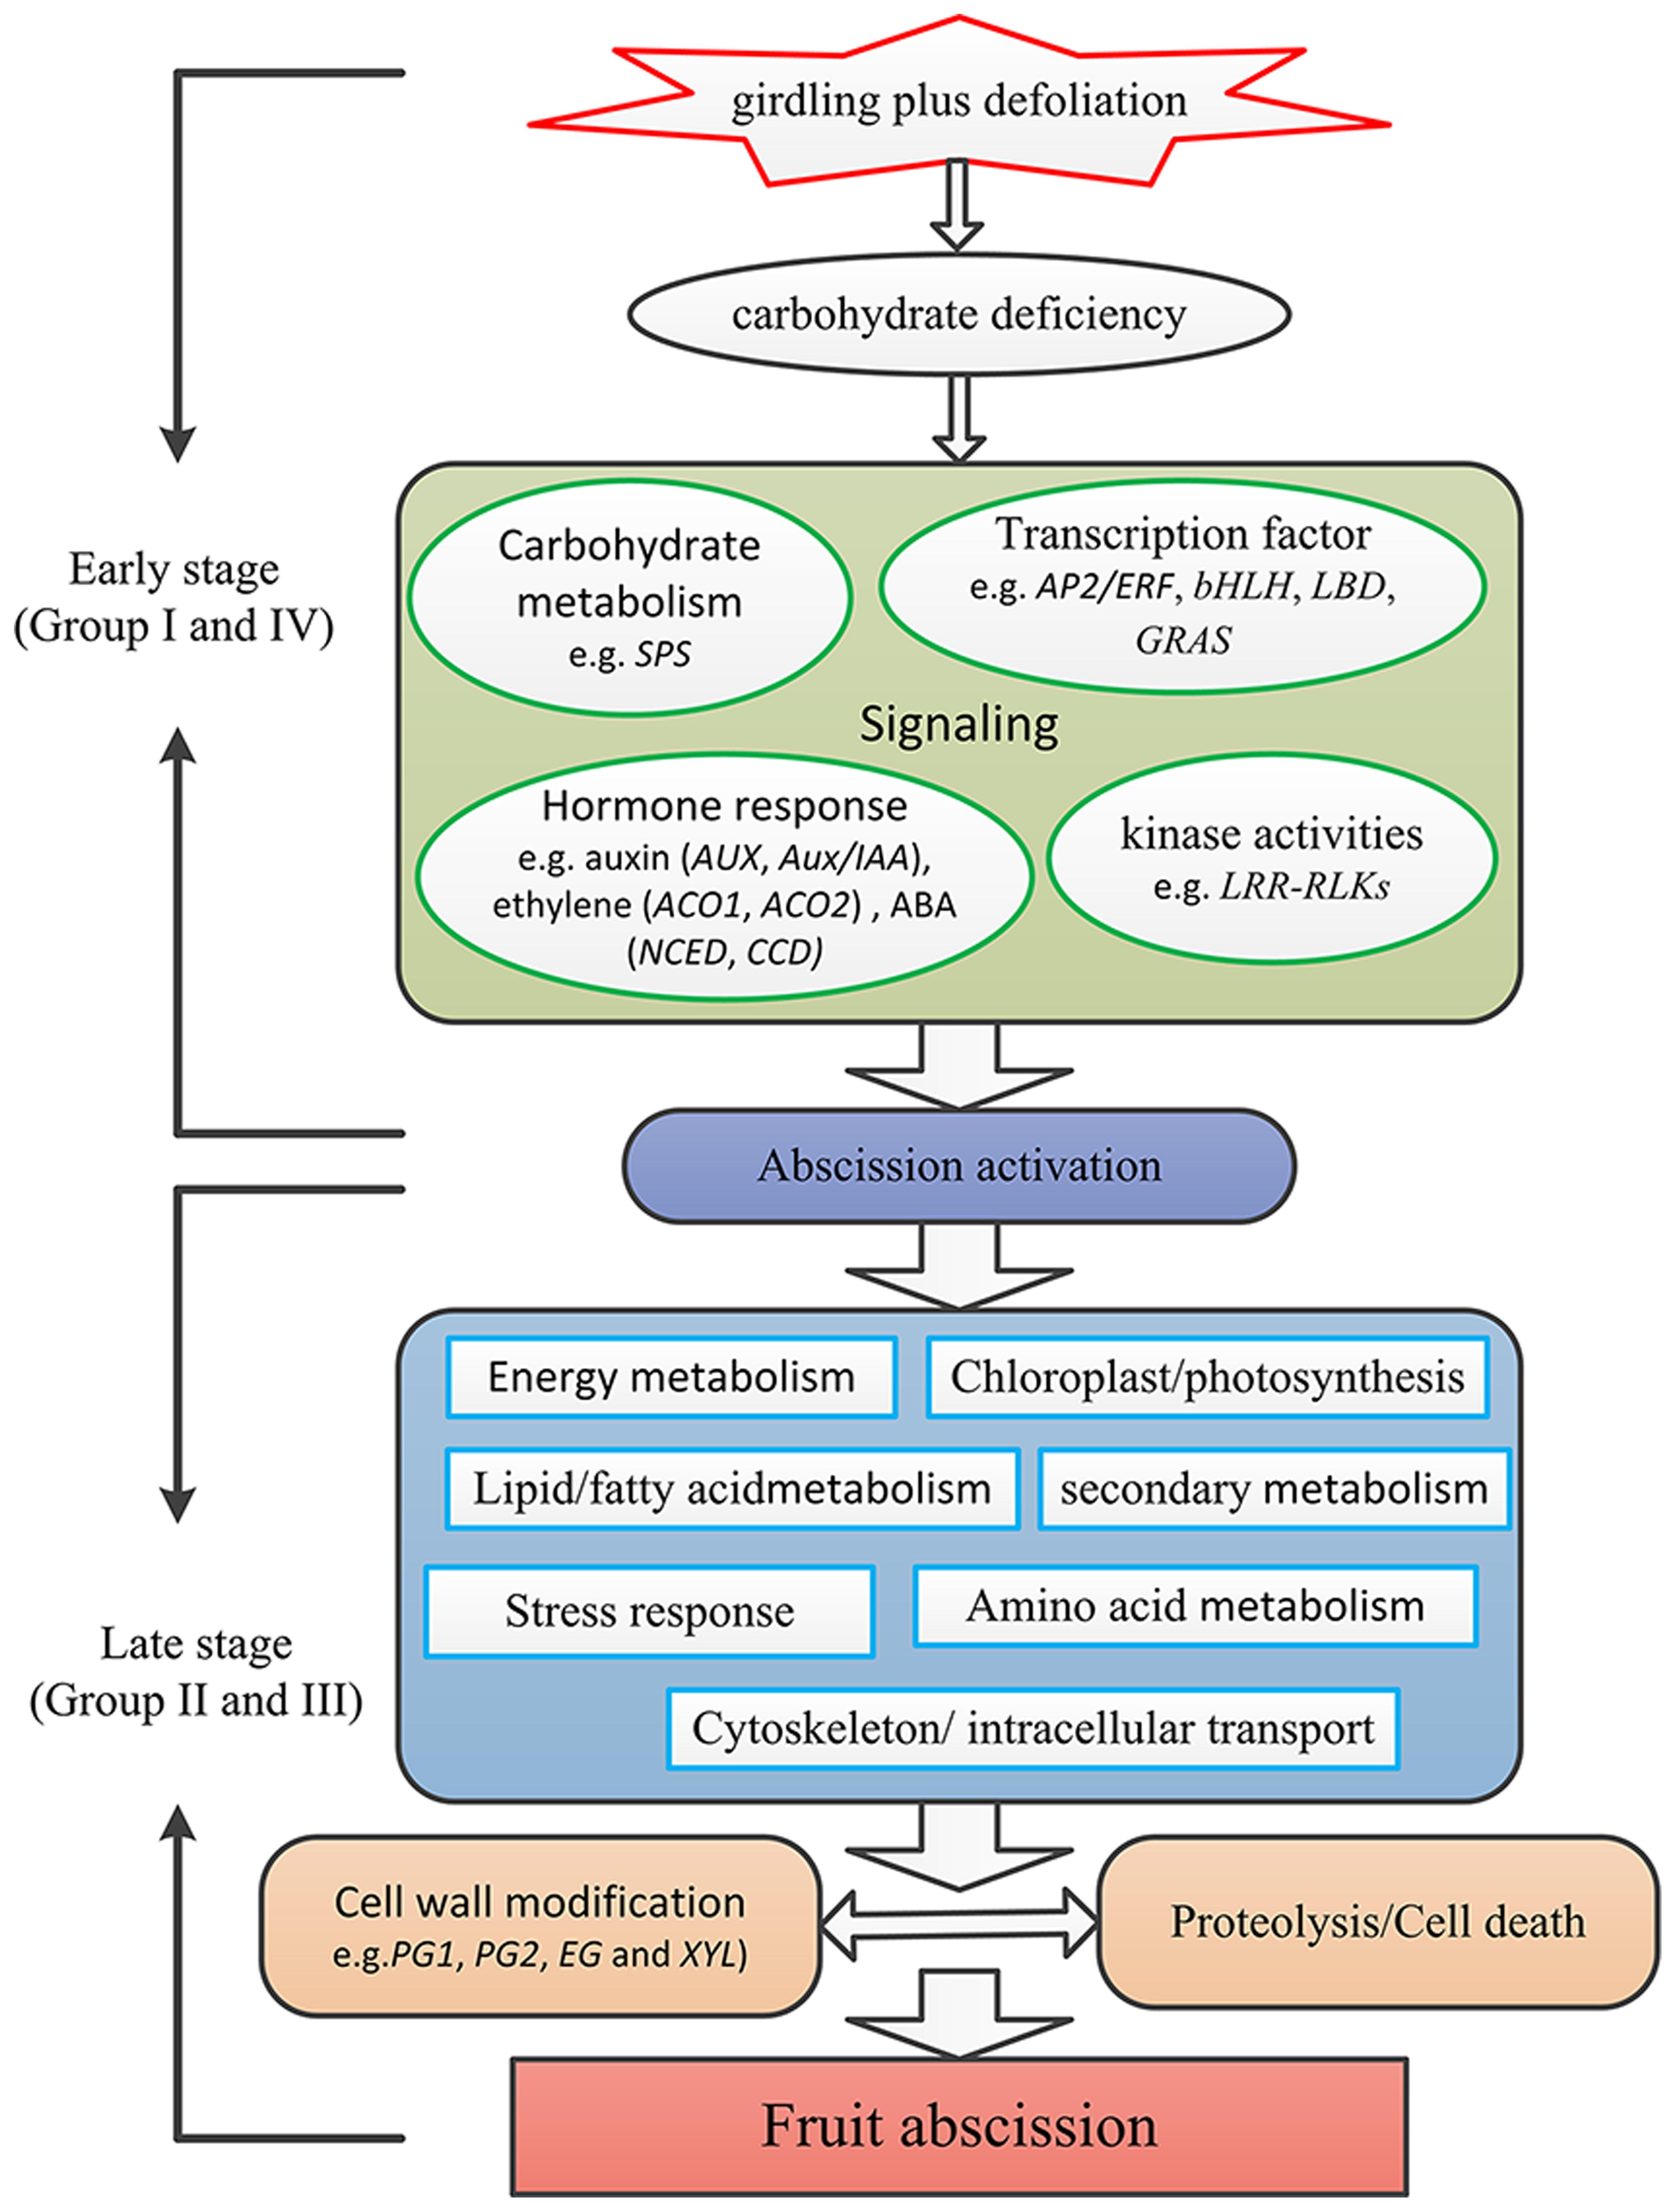 mechanism of hormone action between steroid and nonsteroid hormones